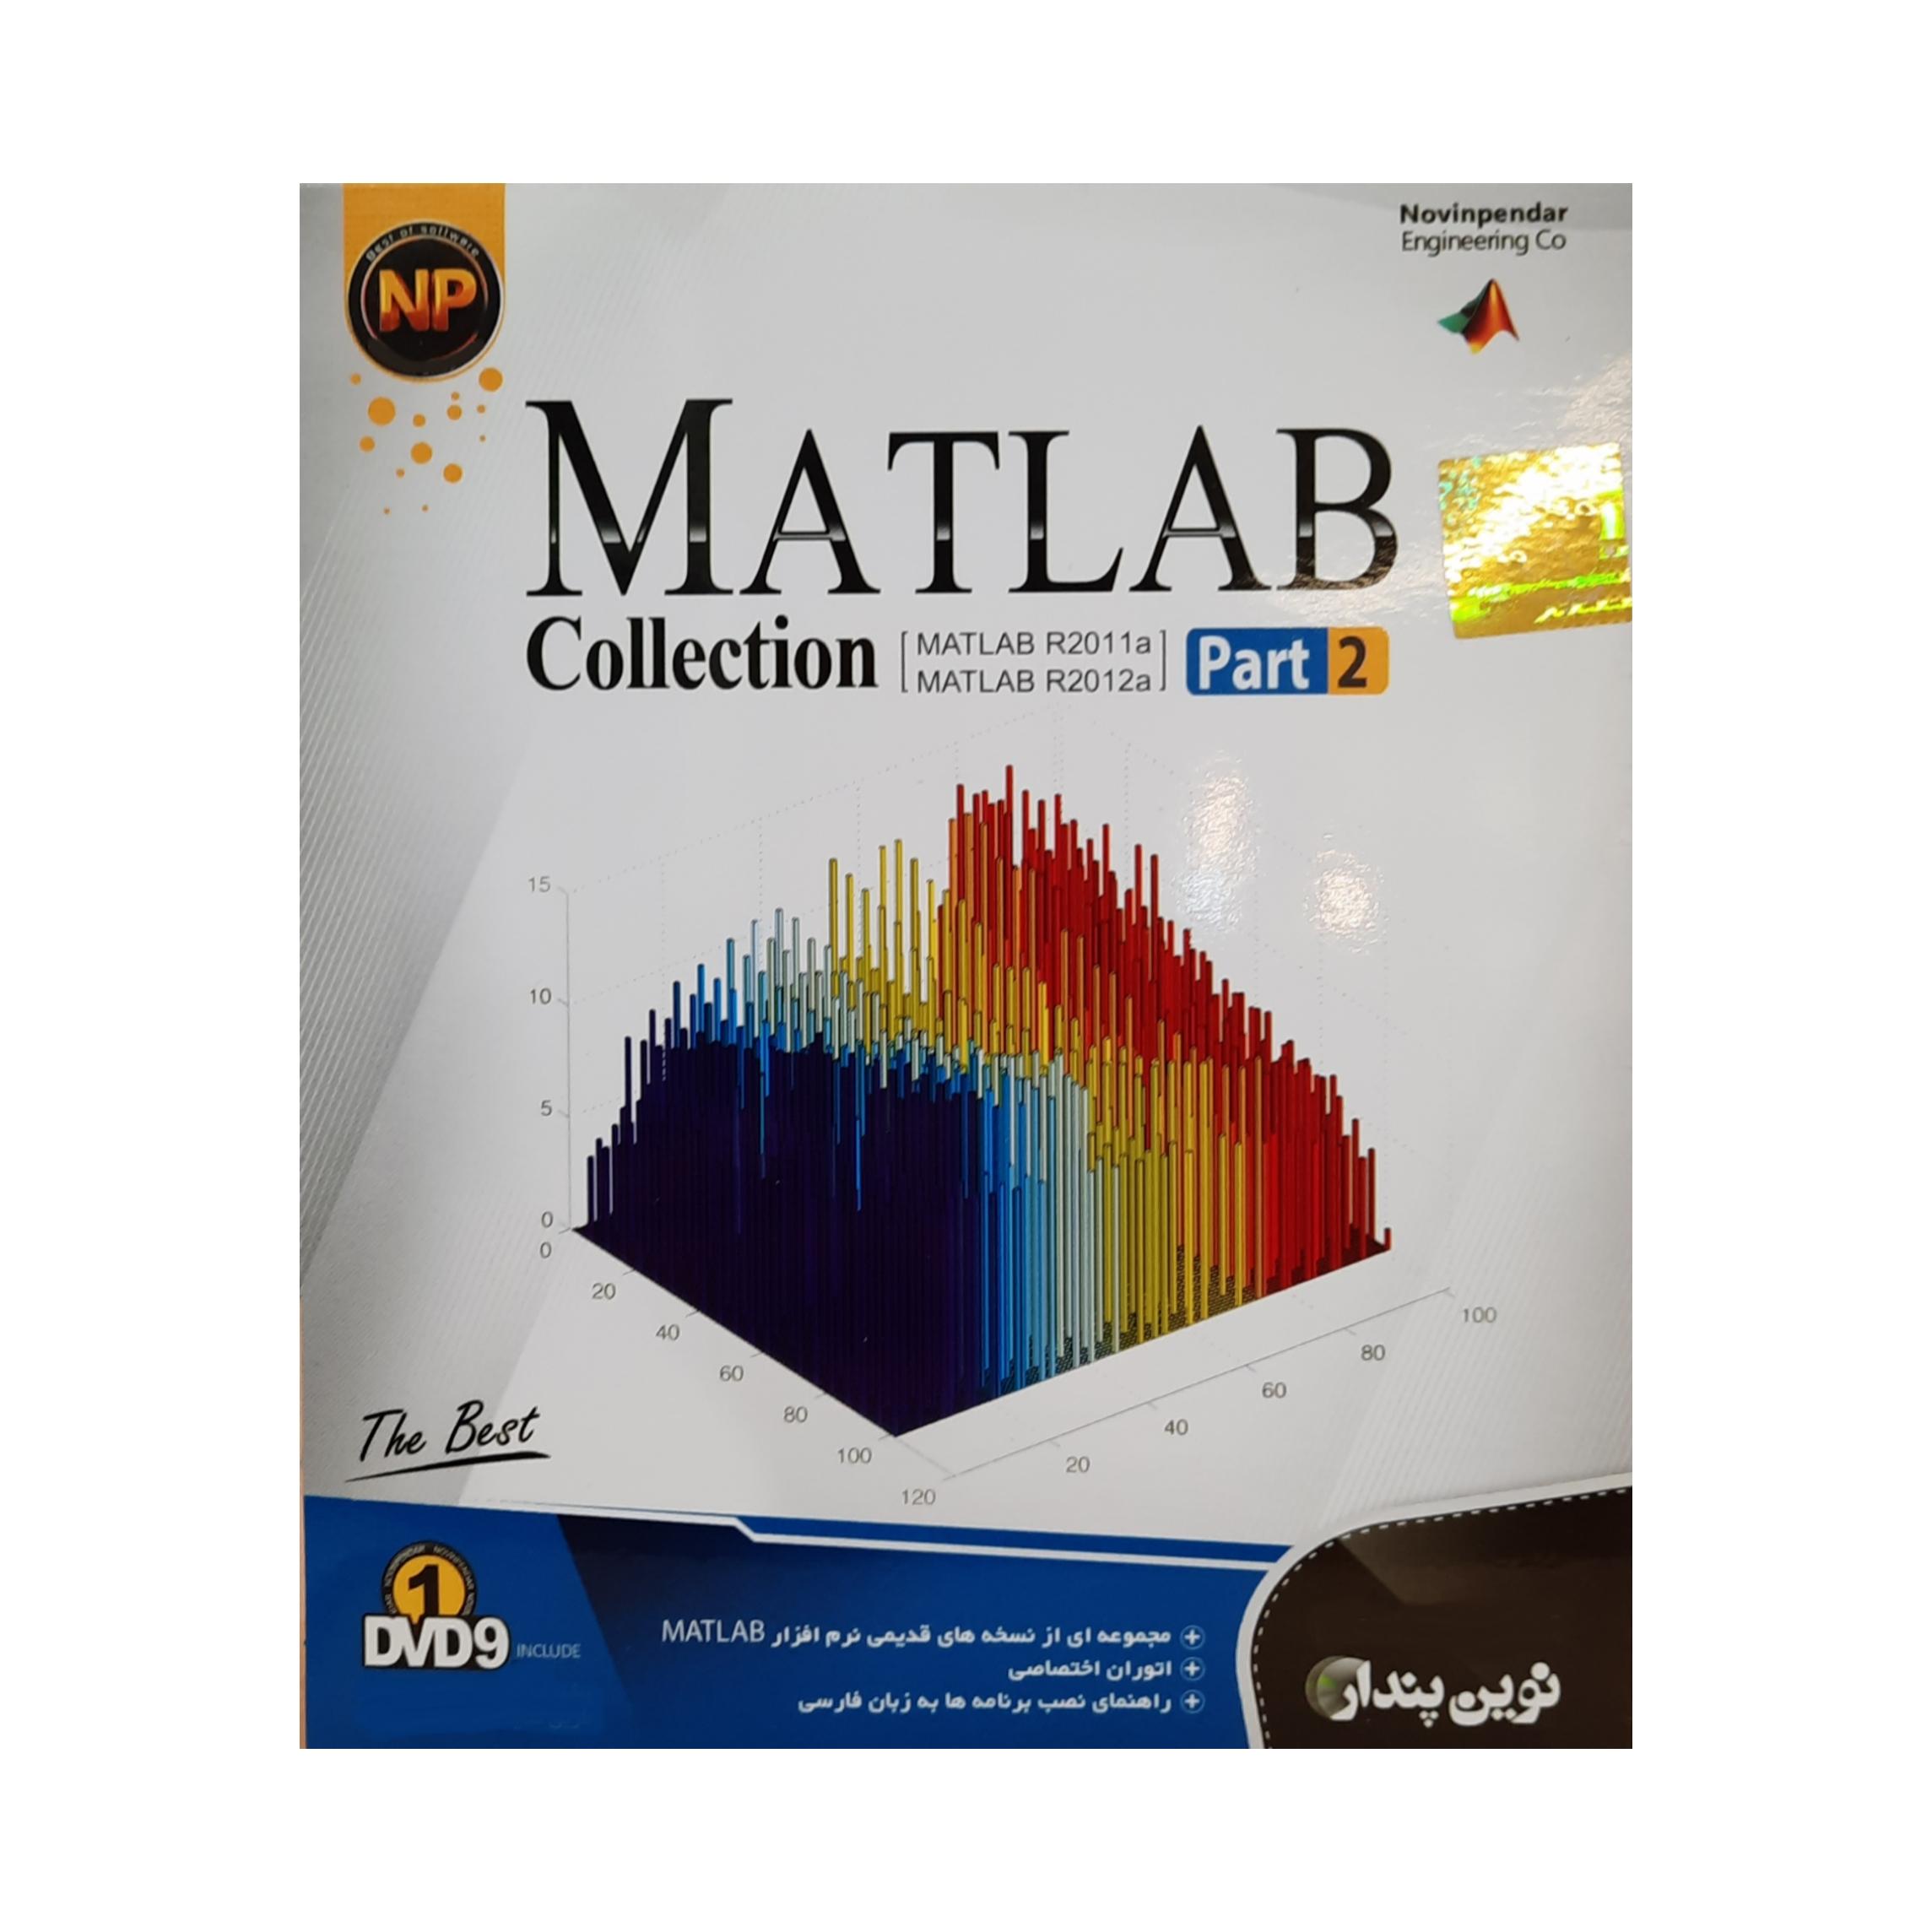 نرم افزار Matlab Collection نشر نوین پندار